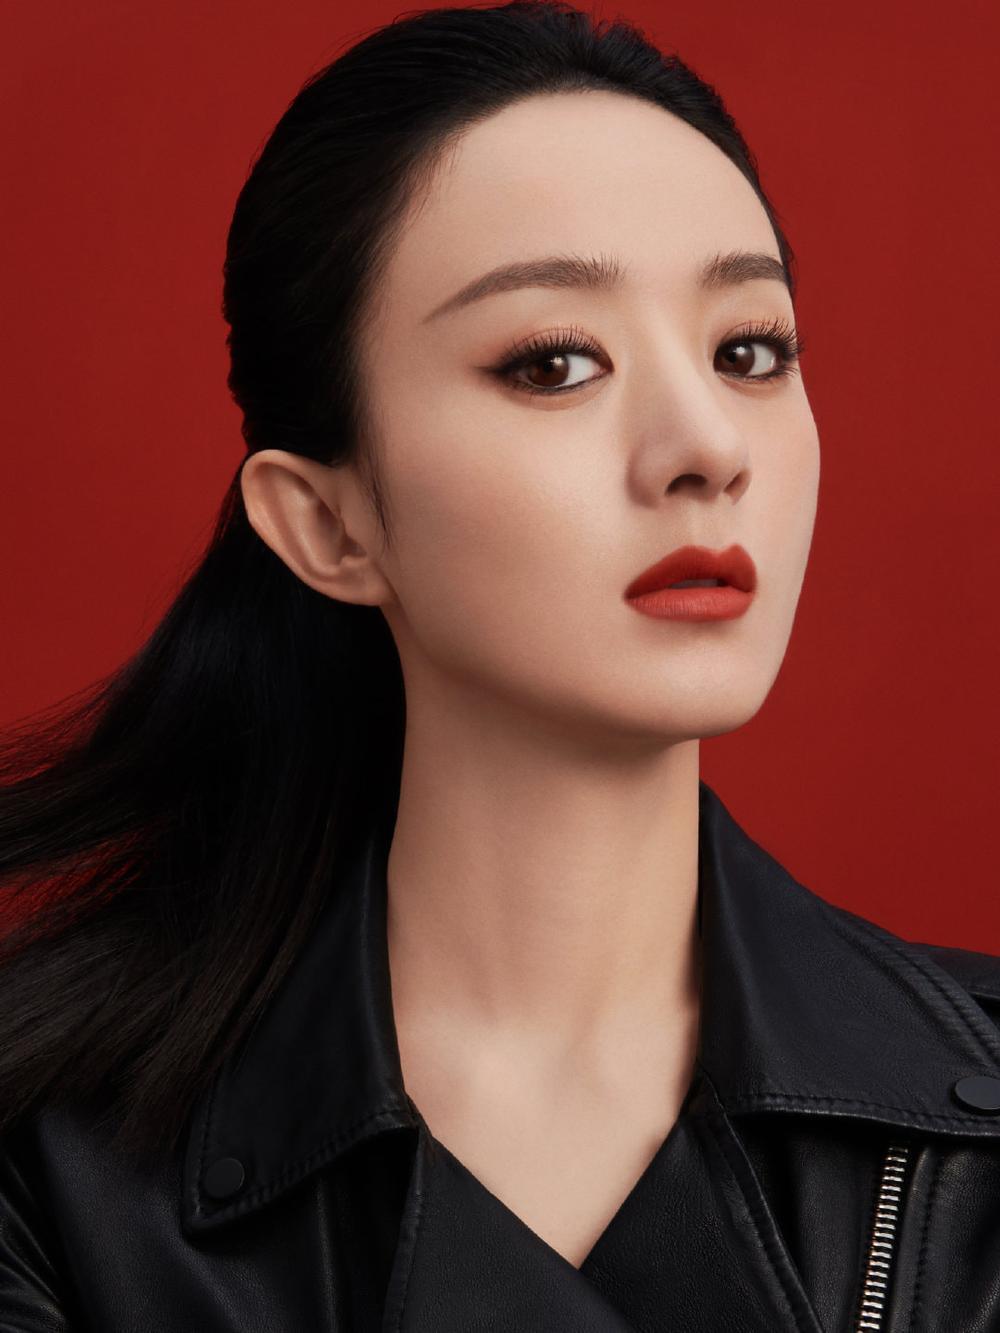 Triệu Lệ Dĩnh làm đại sứ mỹ phẩm, dân tình ùa vào chê bai sao makeup giống 'ma nữ' thế Ảnh 2